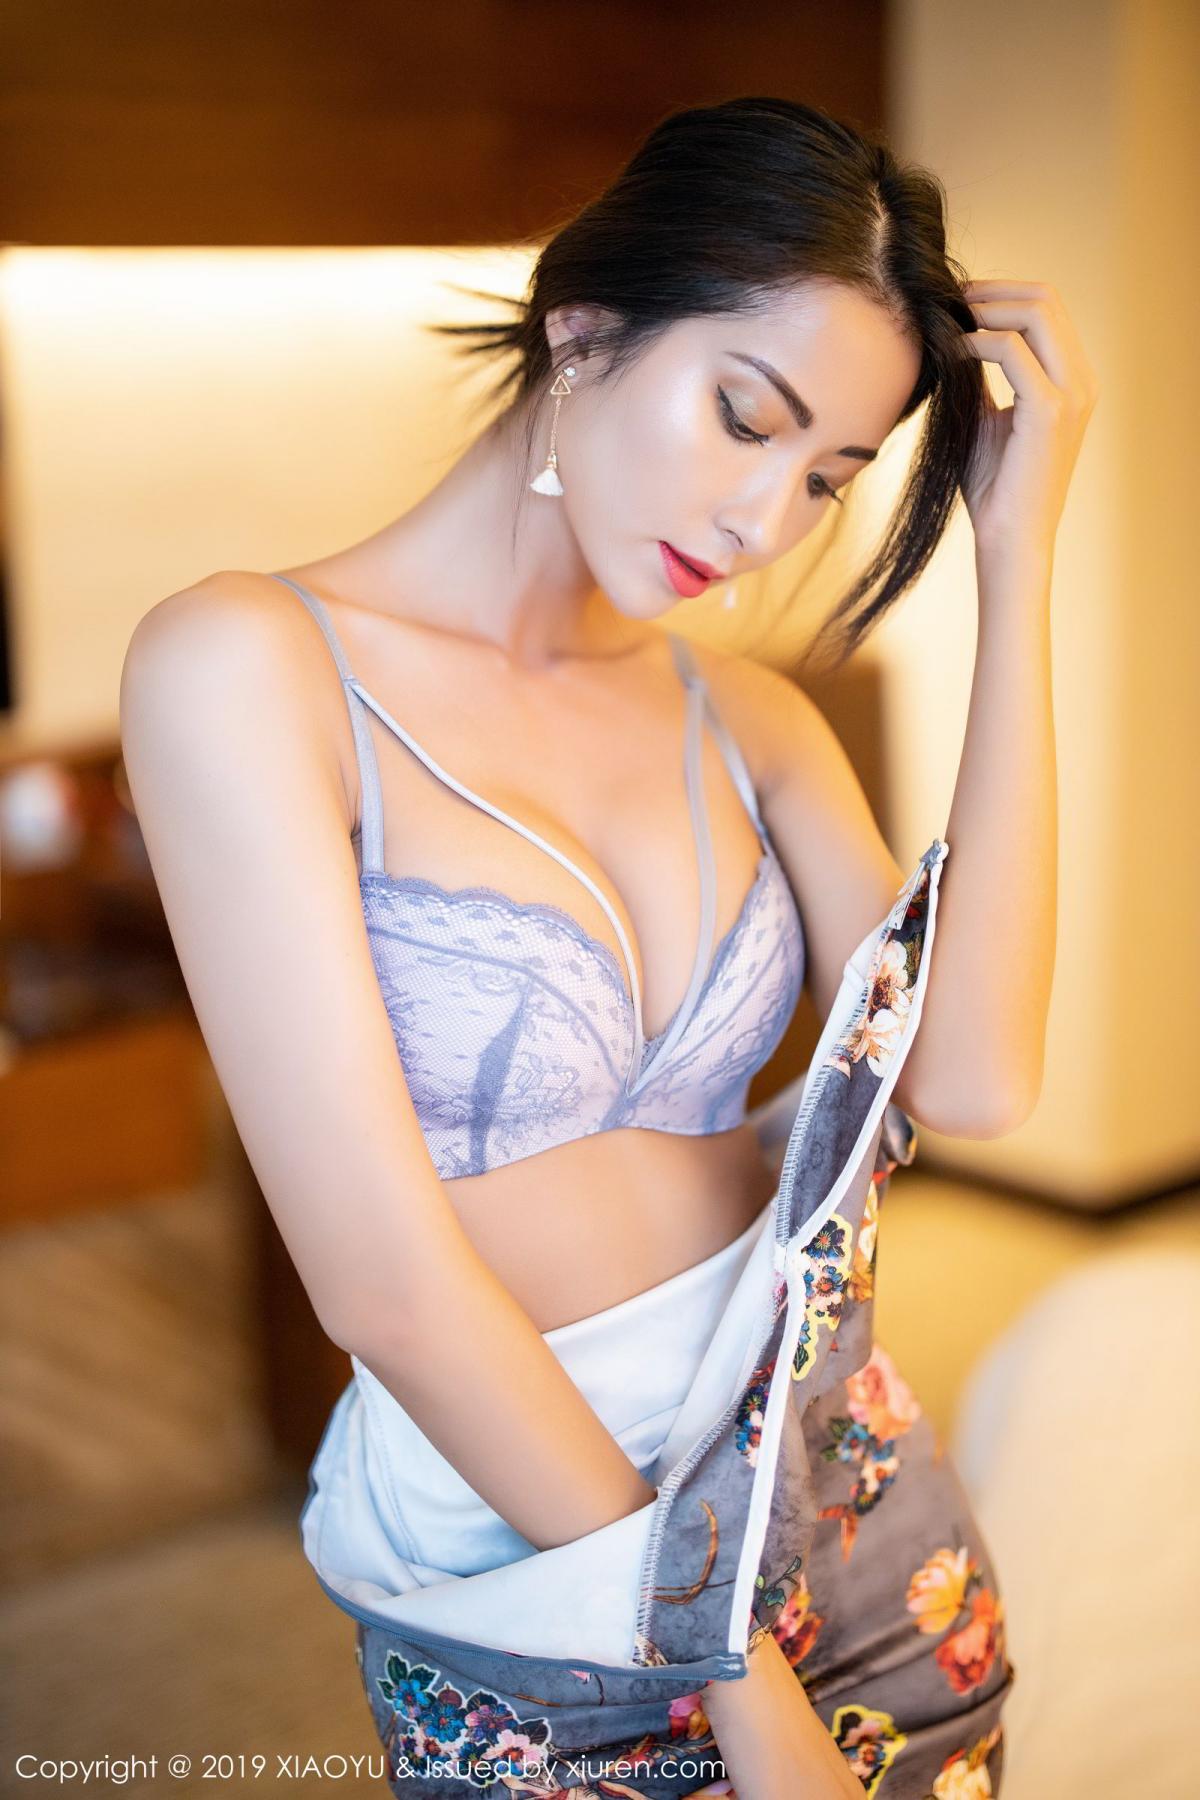 [XiaoYu] Vol.196 Chen Liang Ling 49P, Chen Liang Ling, Cheongsam, Temperament, Underwear, XiaoYu